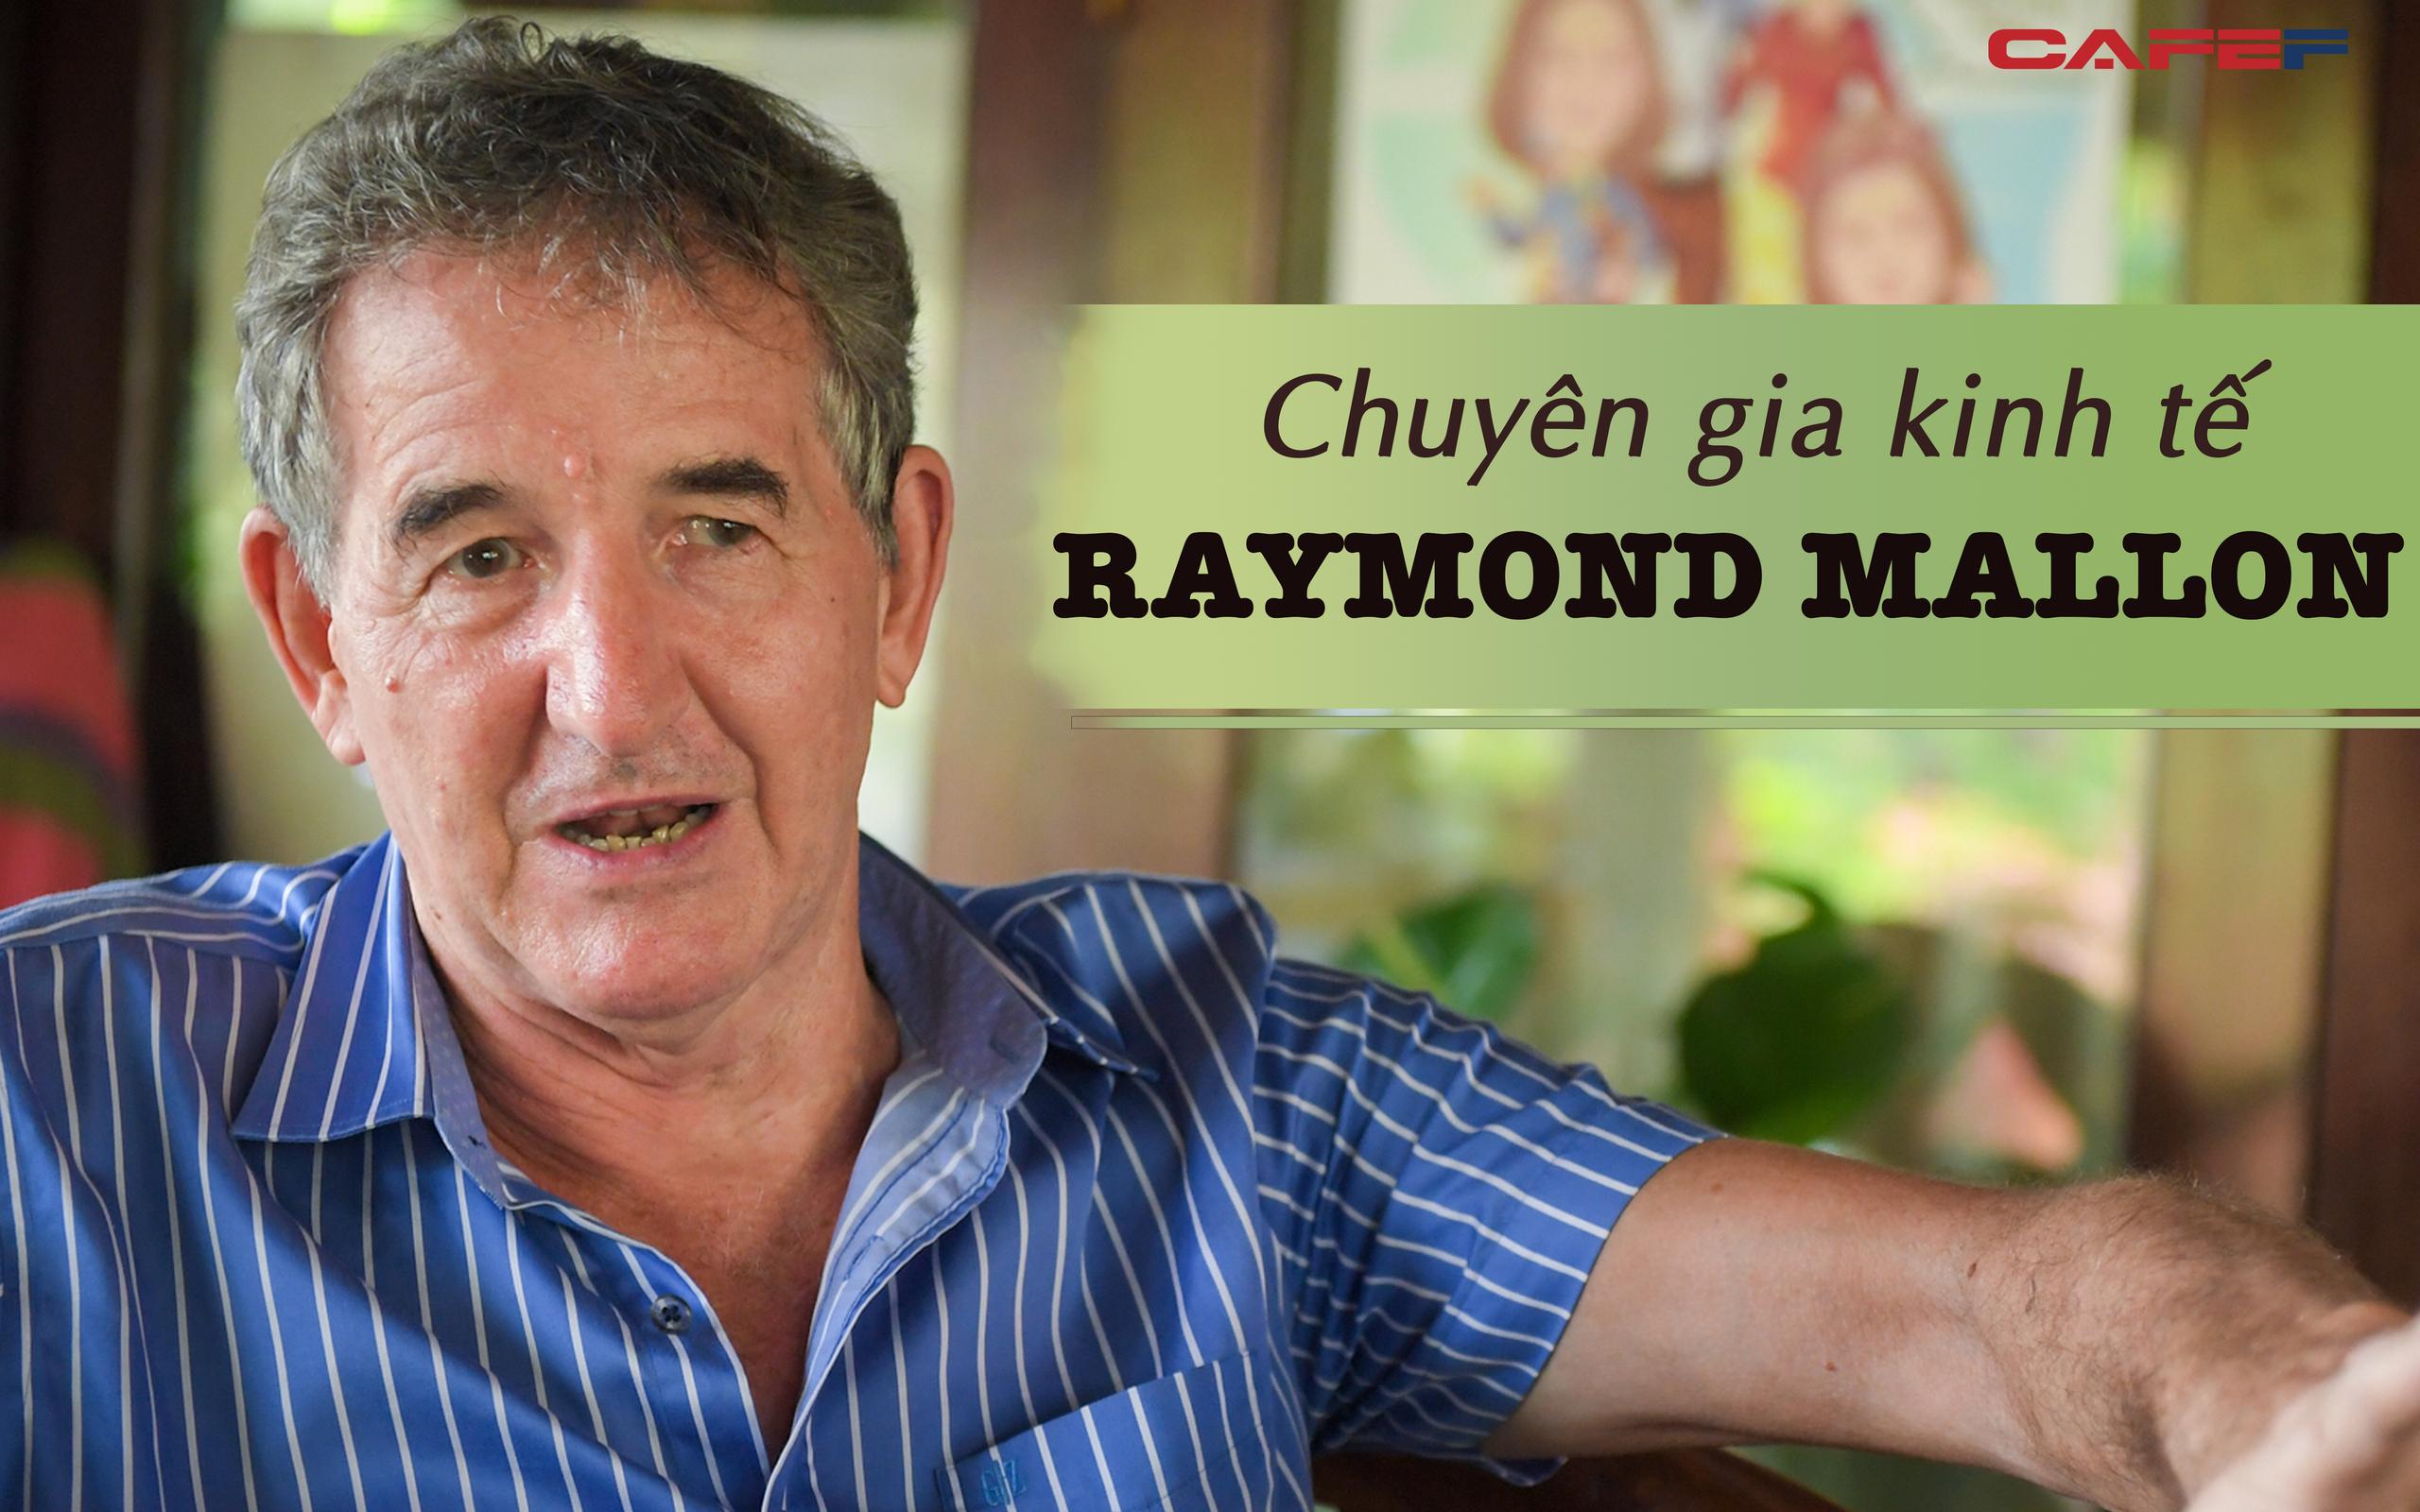 Cố vấn cao cấp của CIEM Raymond Mallon giải mã sự bùng nổ của nhà đầu tư cá nhân vào thị trường chứng khoán Việt Nam thời Covid-19